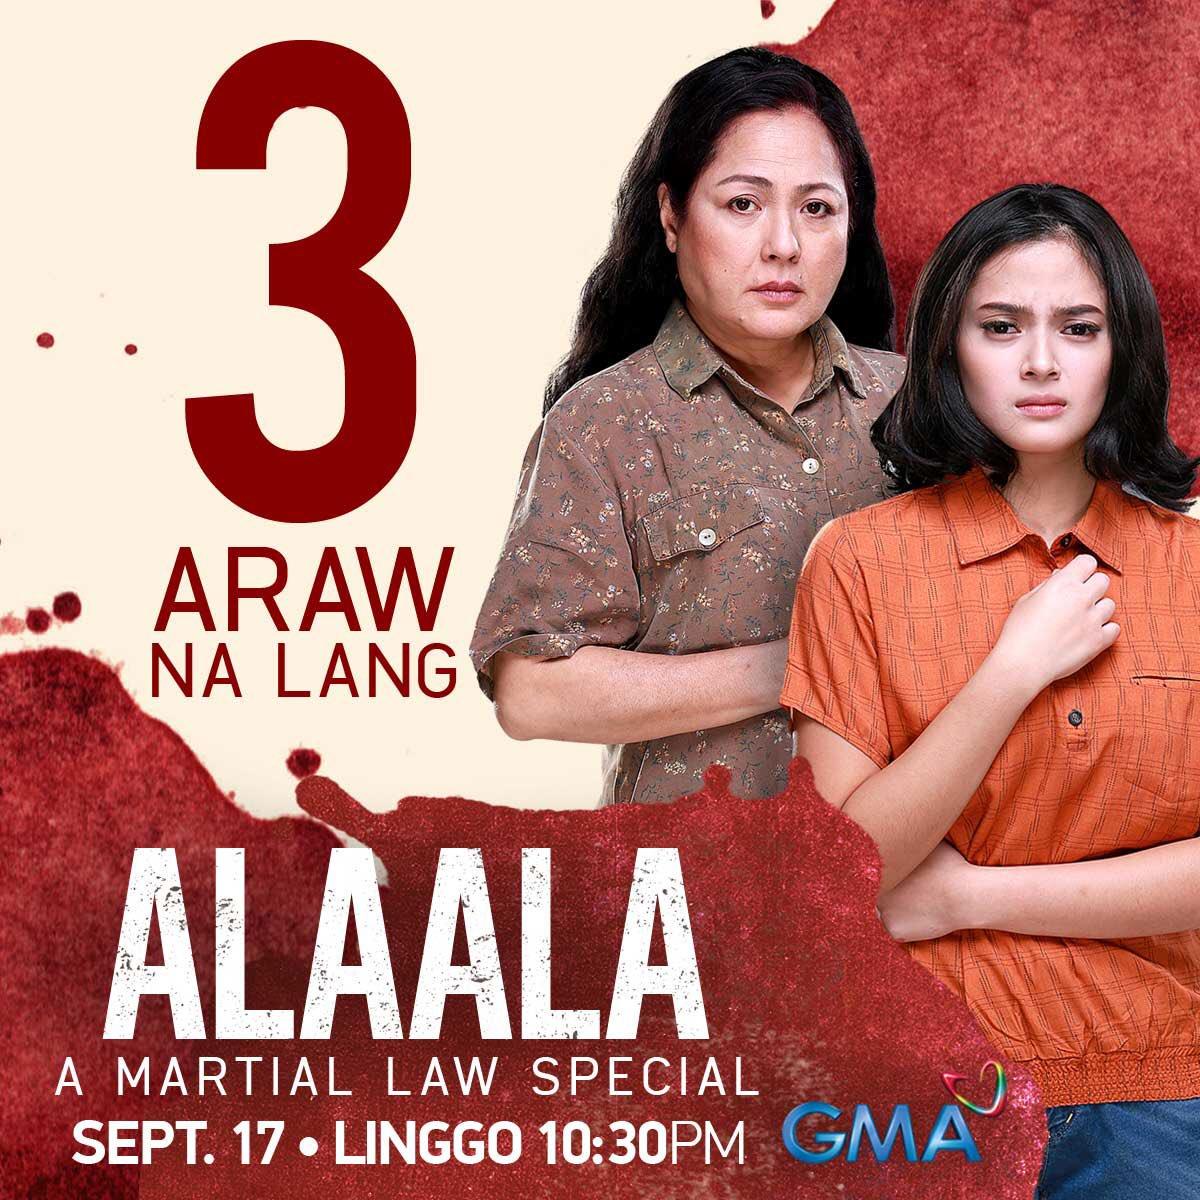 Alaala A Martial Law Special